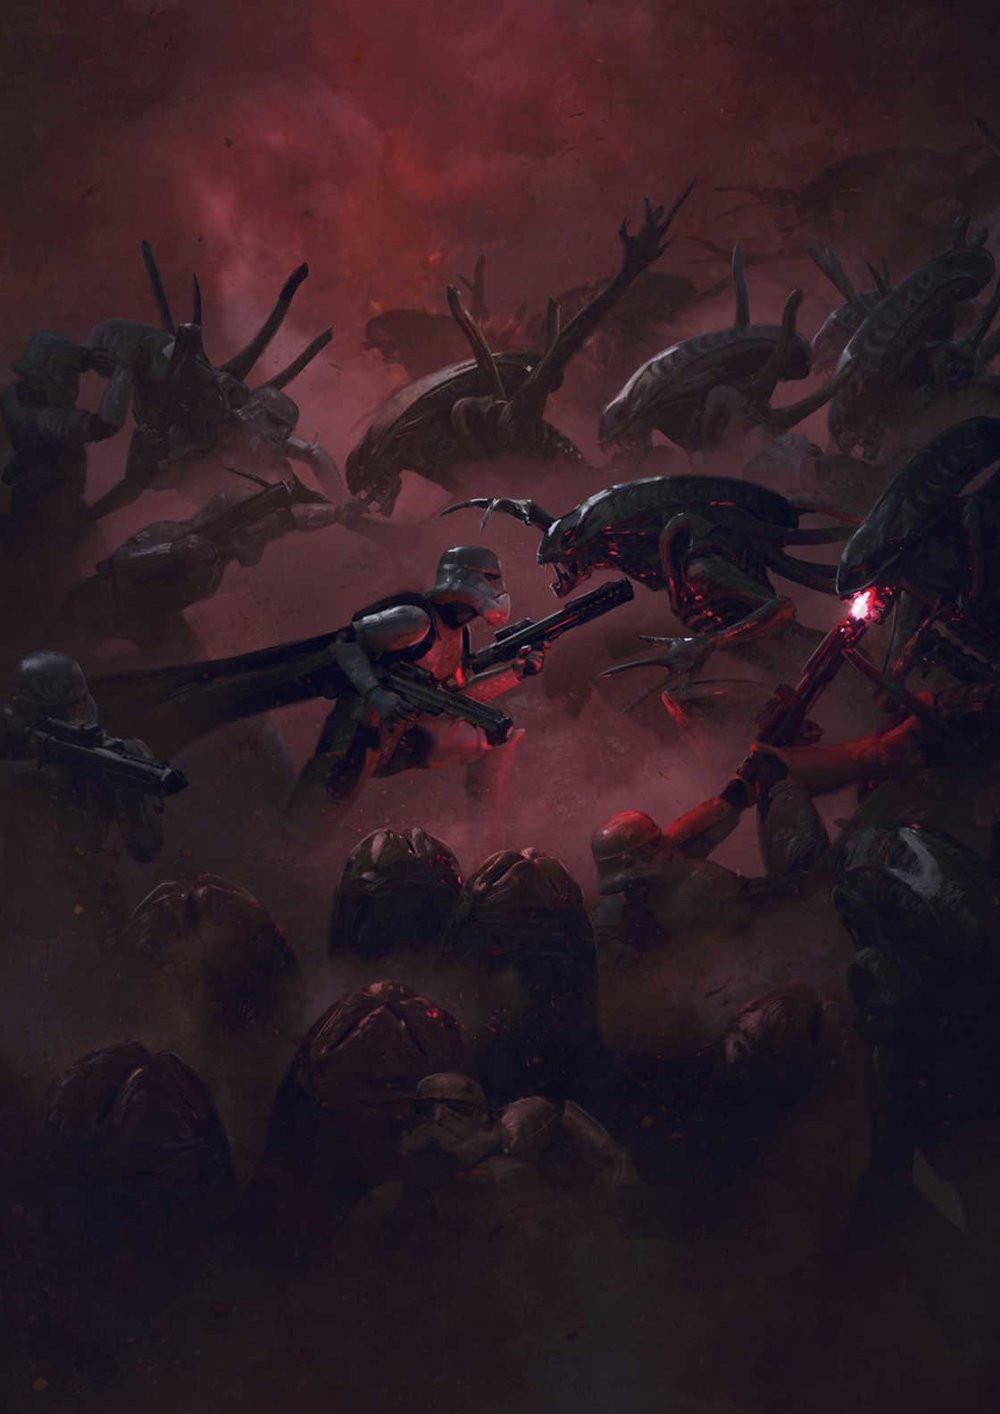 fusi-darthvader-aliens-5